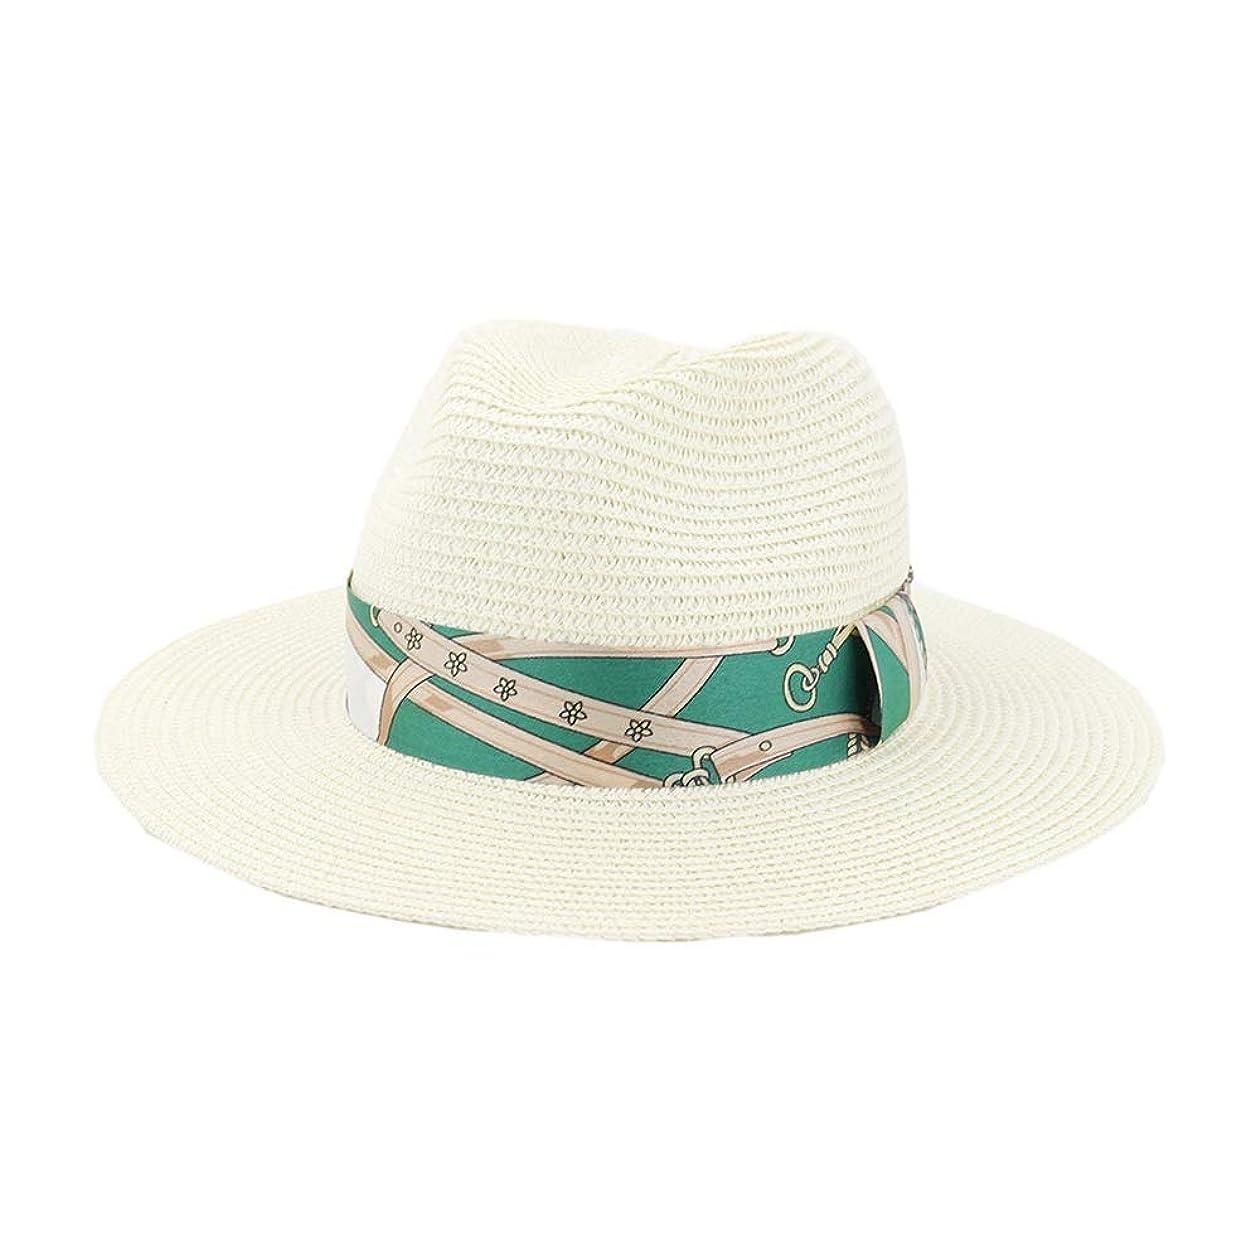 バクテリアノミネートクッションSGJFZD 女性男性夏広いつばのトキーラわらパナマ太陽の帽子エレガントな女性紳士ギャングトリルビーフェドラビーチパパキャップ (色 : クリーム, サイズ : 56-58CM)